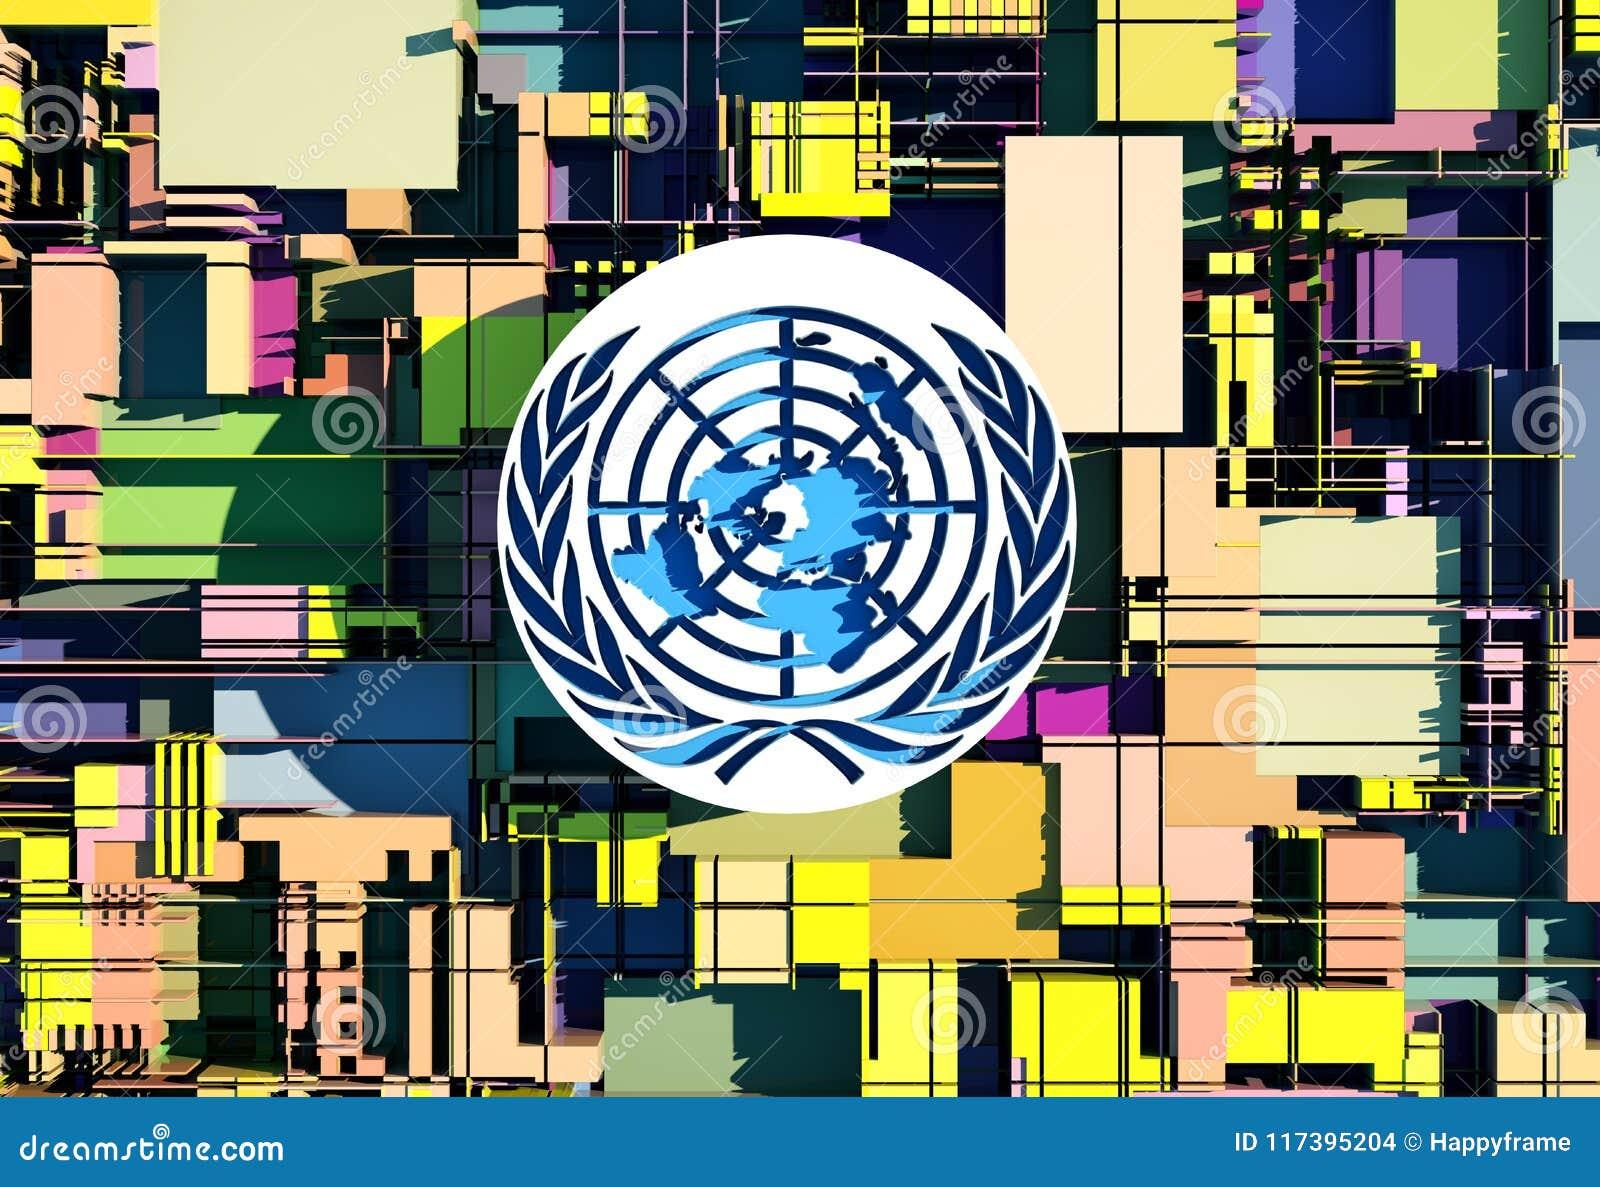 Эмблема иллюстрации Организации Объединенных Наций (ООН)